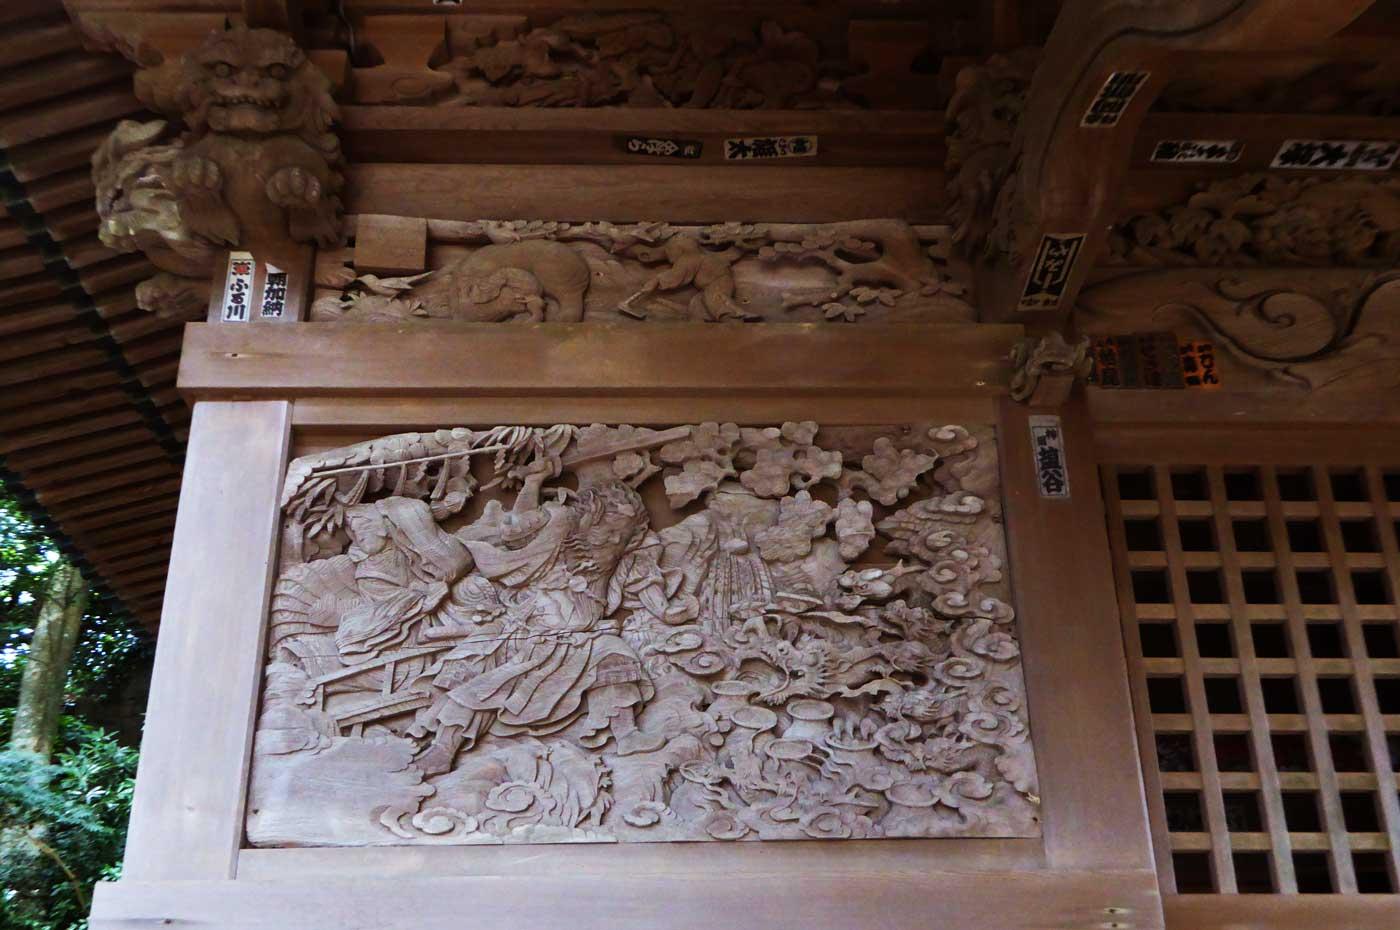 海南鉈切神社のヤマタノオロチ伝説の彫刻